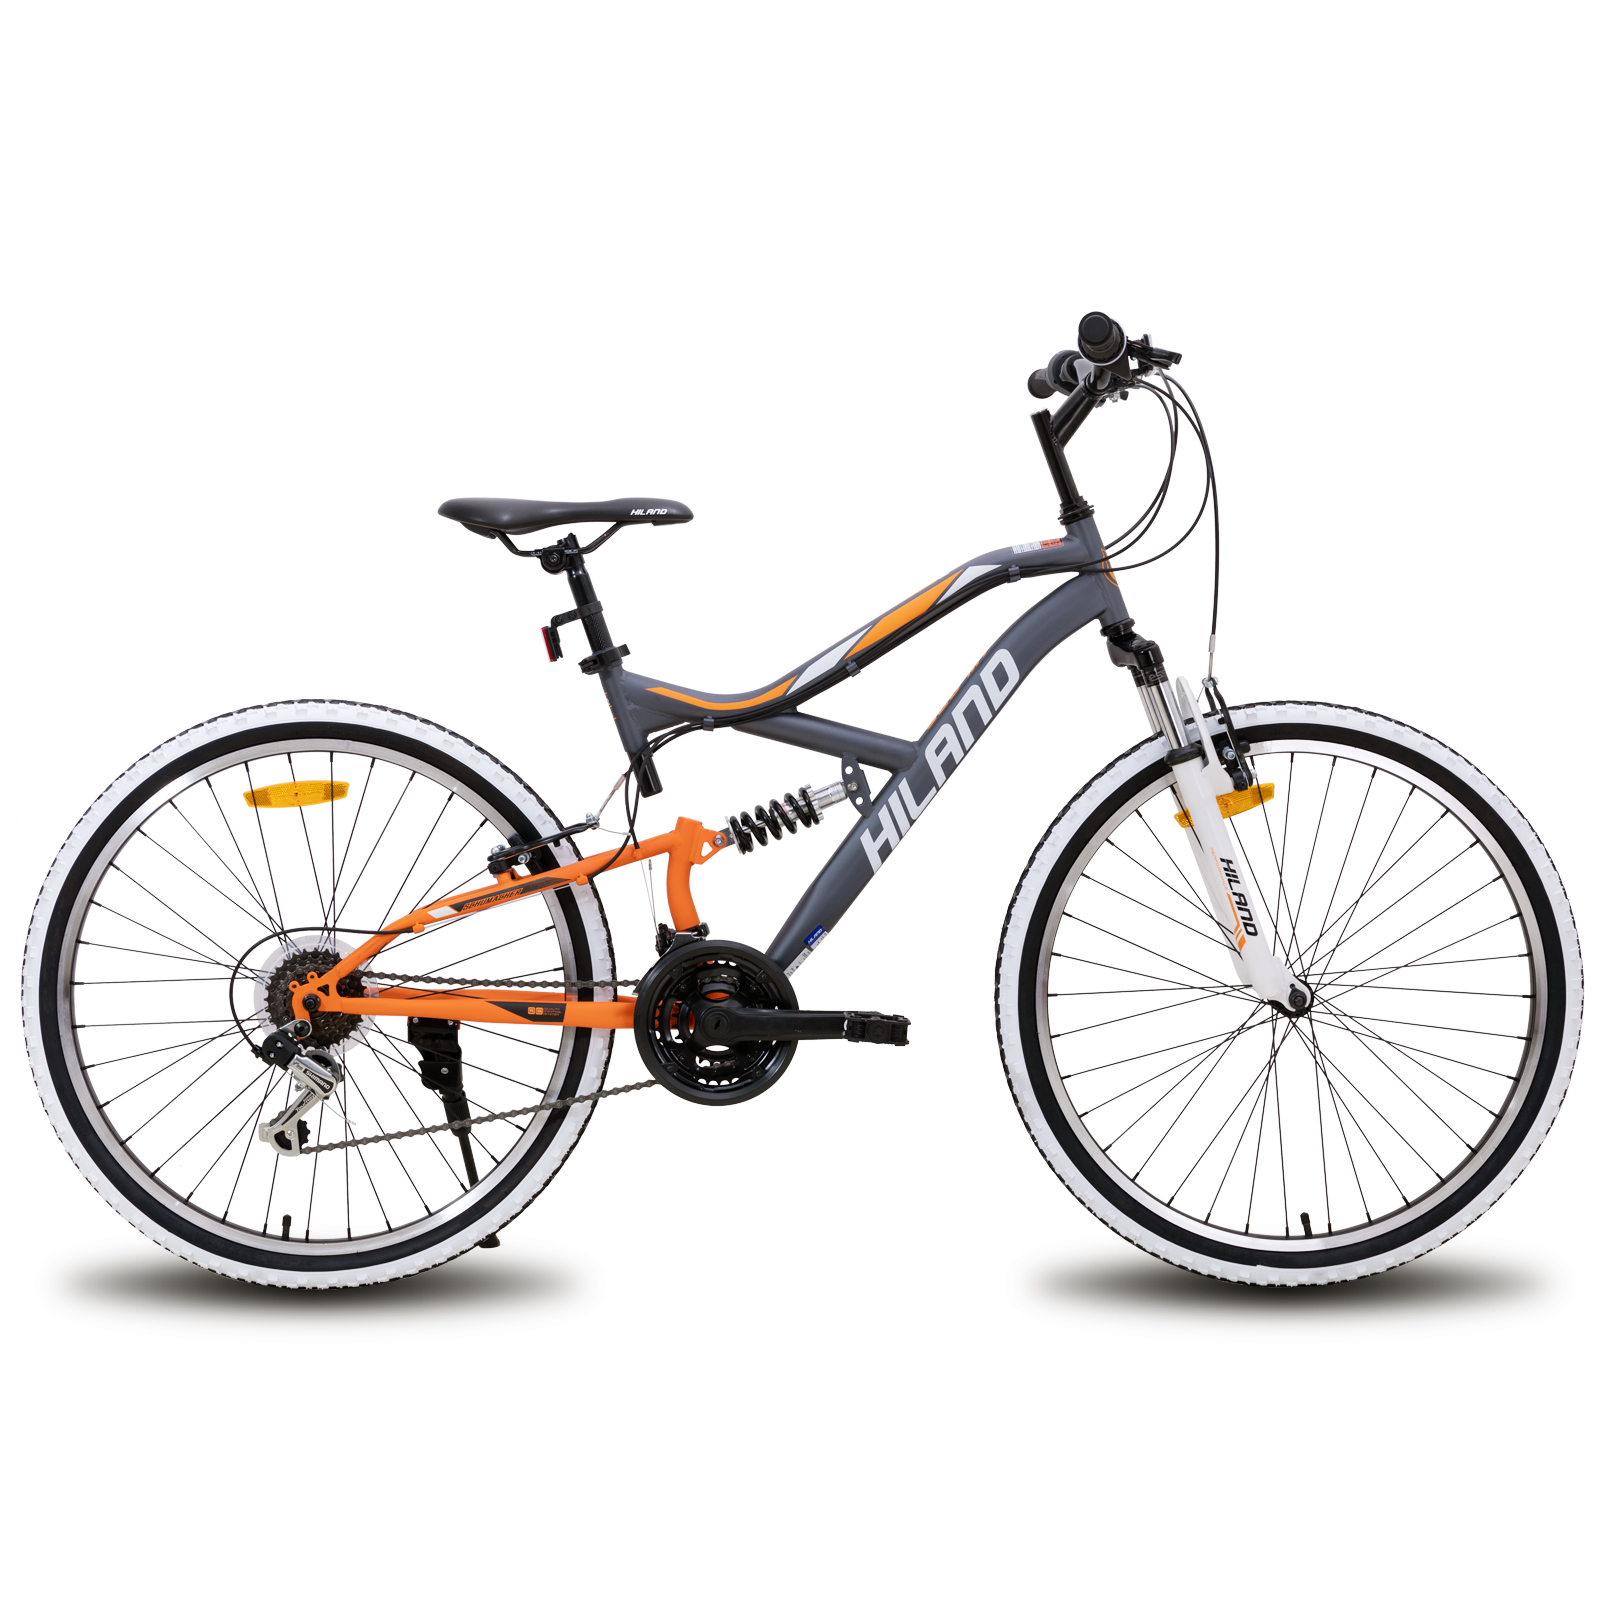 Велосипед Горный с передним и задним тормозом, колеса 26 дюймов, 18 скоростей